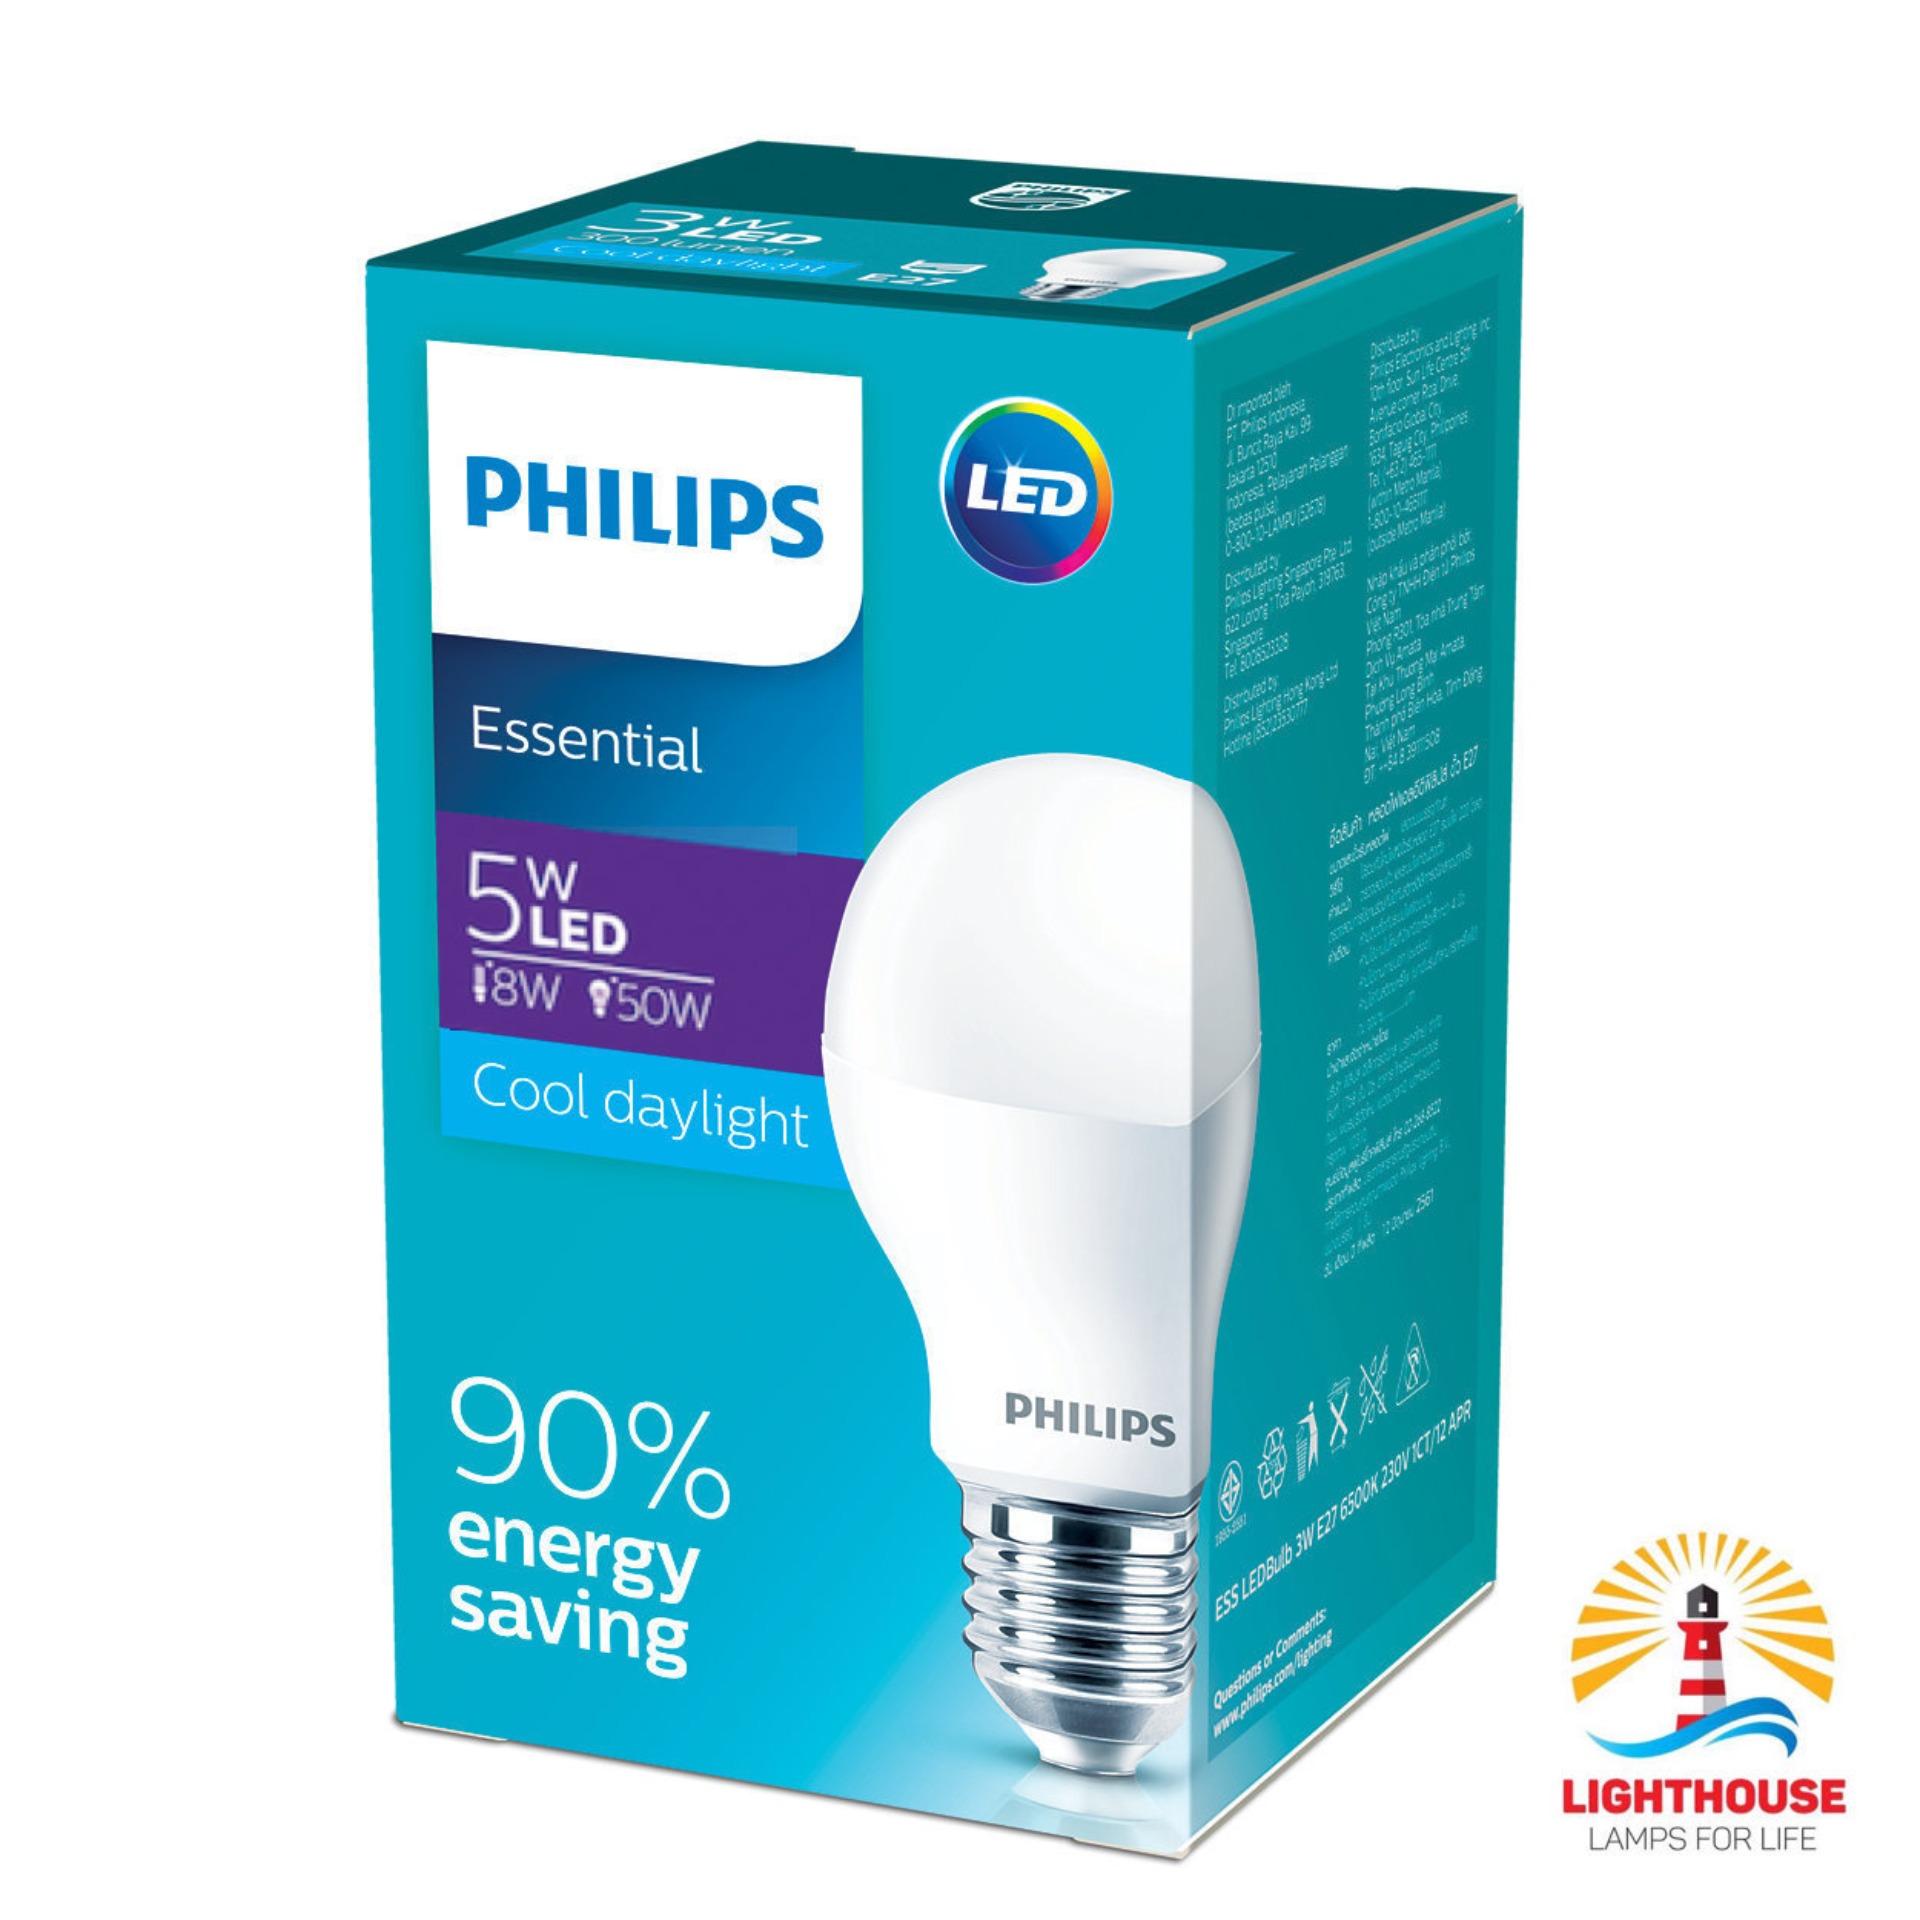 Philips Lampu Led Bulb 5W LED Essential  5 Watt E27 Putih Cool Daylight